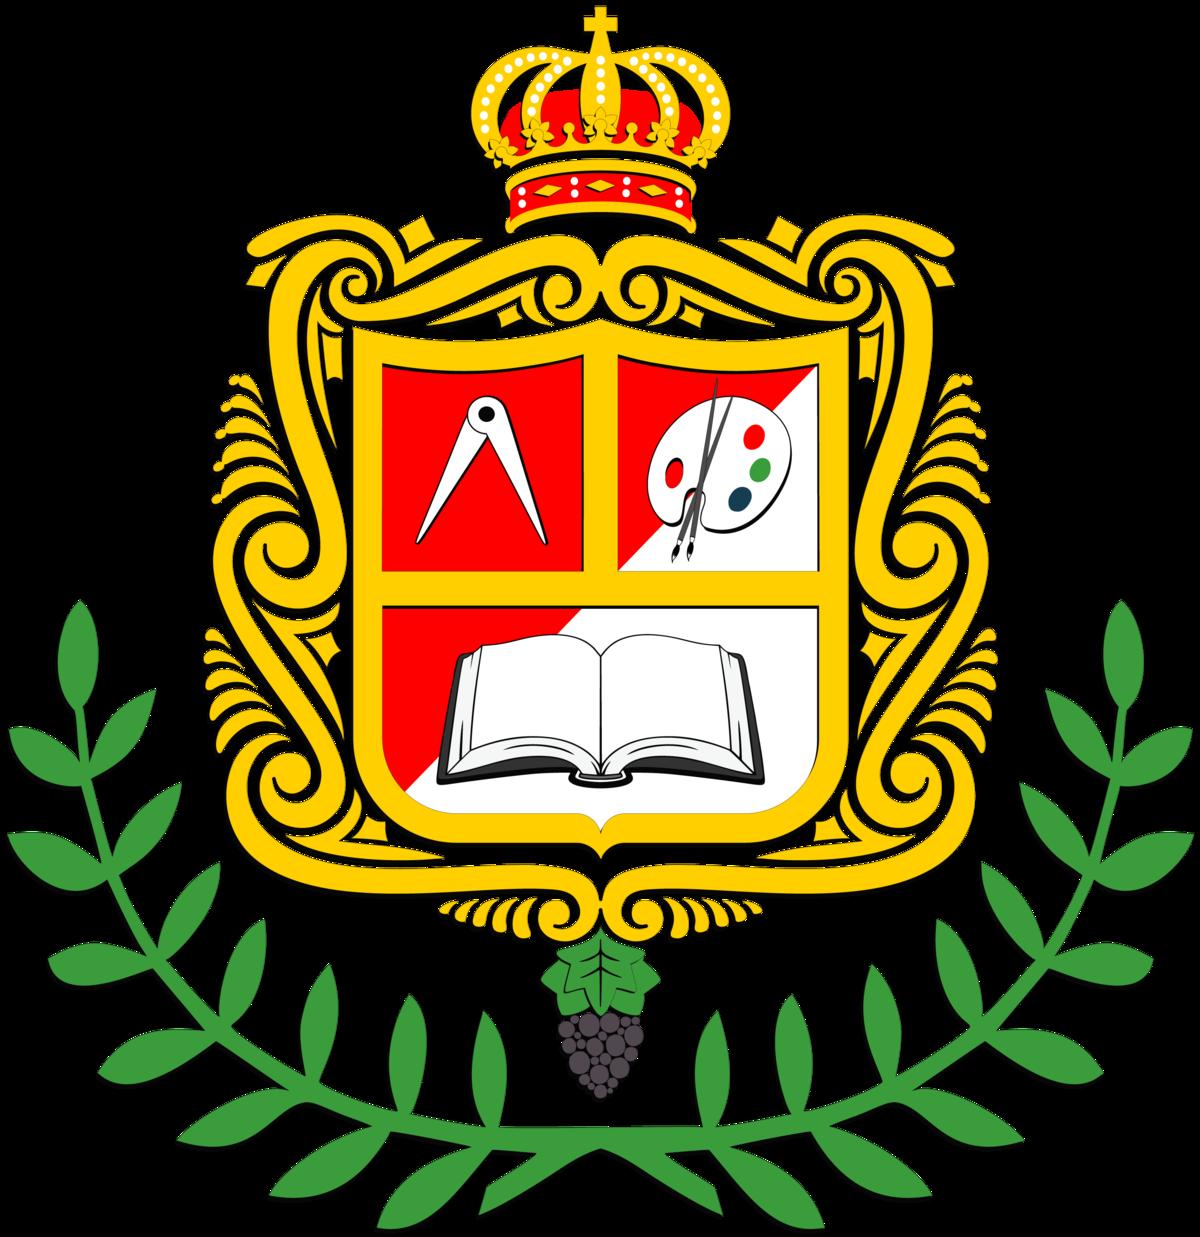 Colegio nacional pichincha wikipedia la enciclopedia libre for Logos para editar